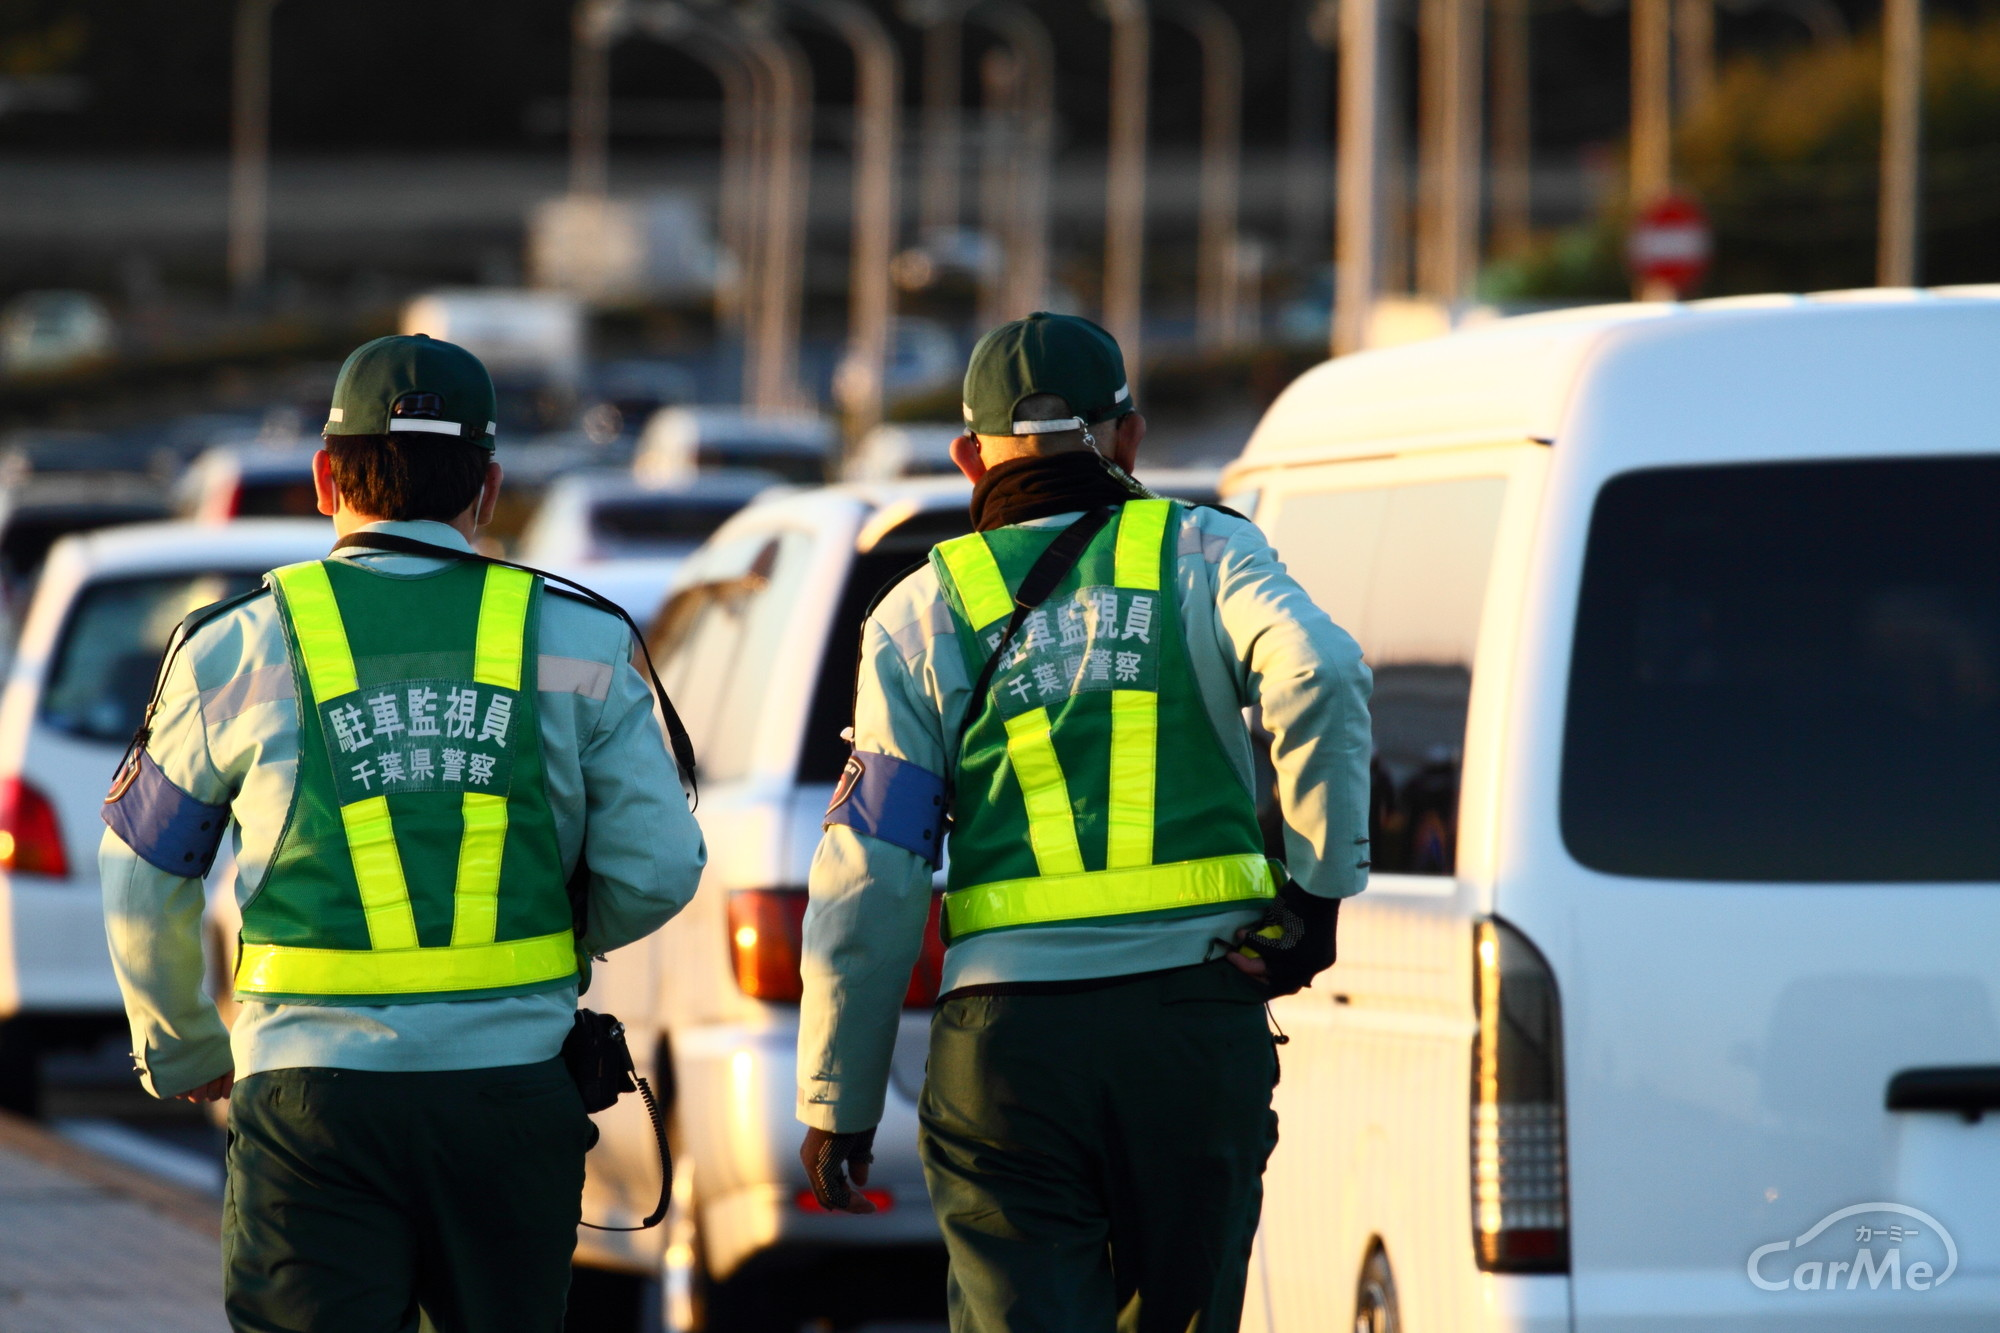 「駐車監視員 京都」の画像検索結果